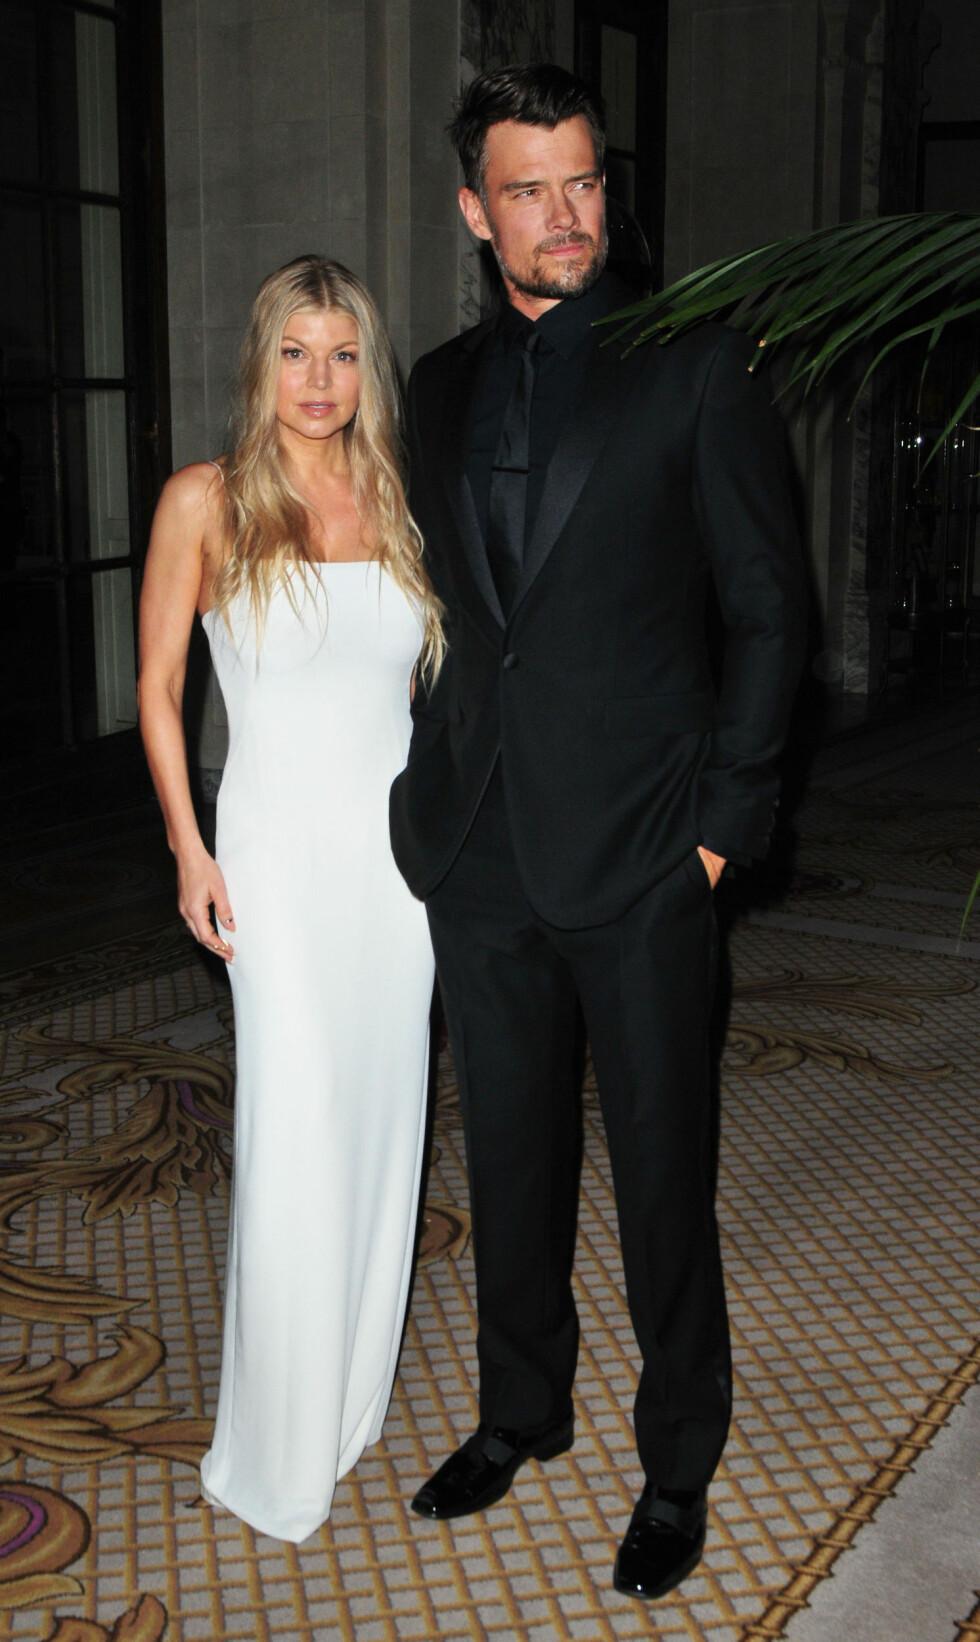 Josh Duhamel og Fergie hadde vært gift i åtte år, men separerte seg i september. Foto: NTB Scanpix